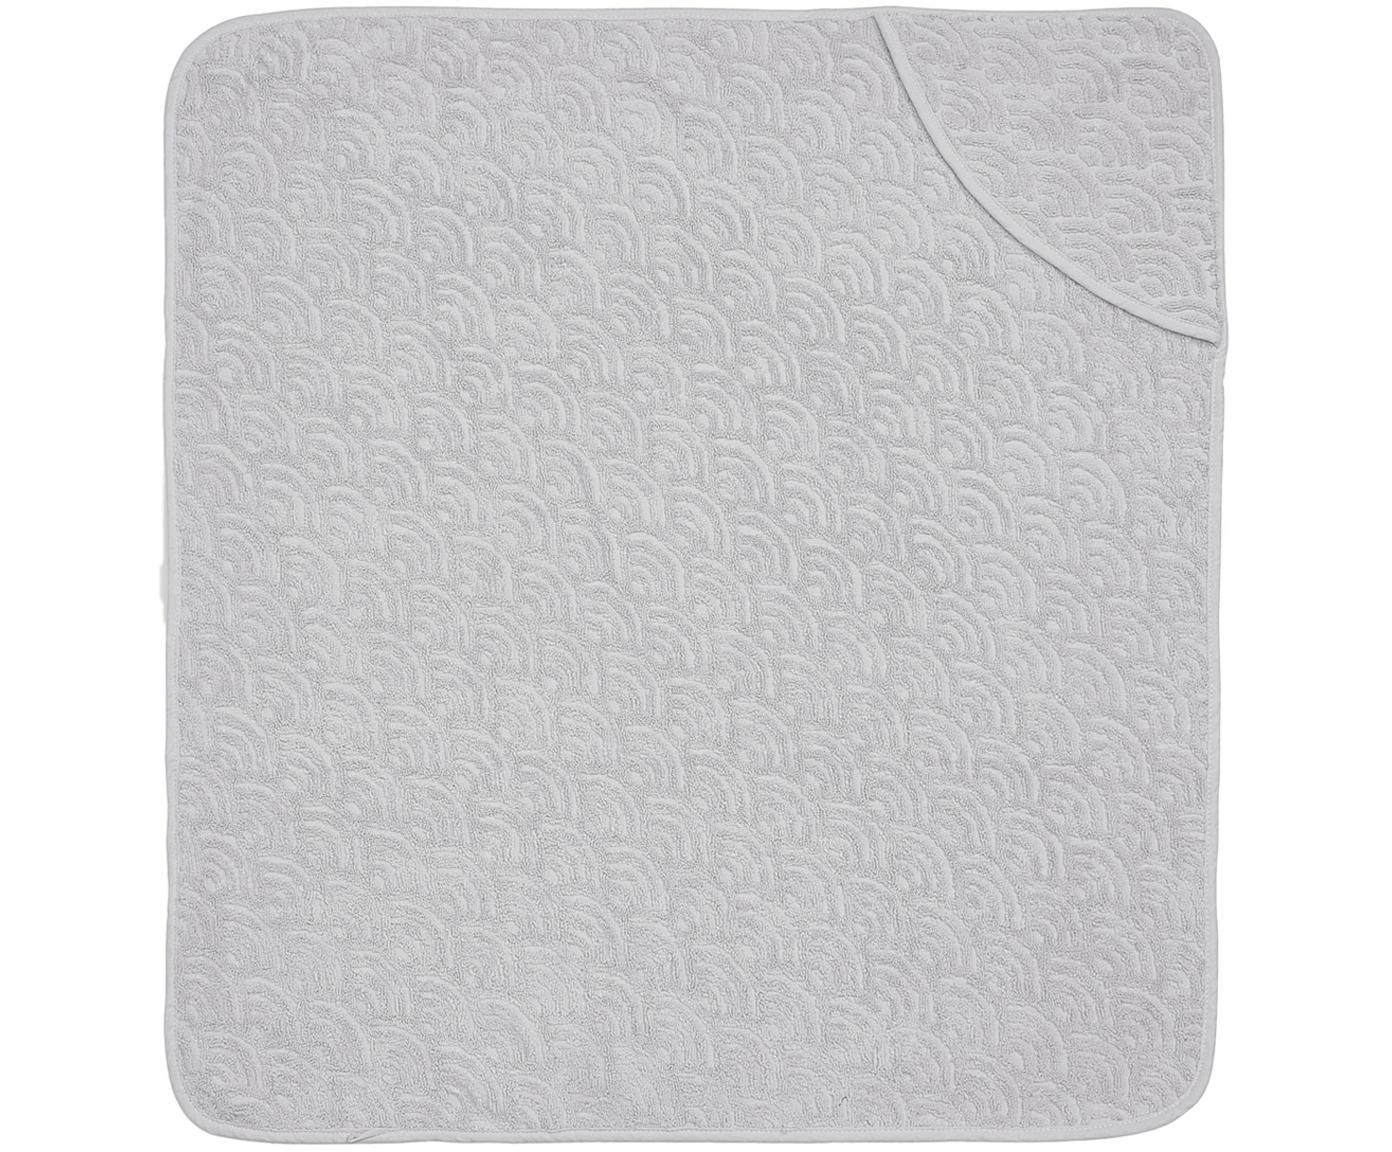 Asciugamano per bambini in cotone organico Wave Fluff, Cotone organico, certificato GOTS, Grigio, Larg. 105 x Lung. 105 cm